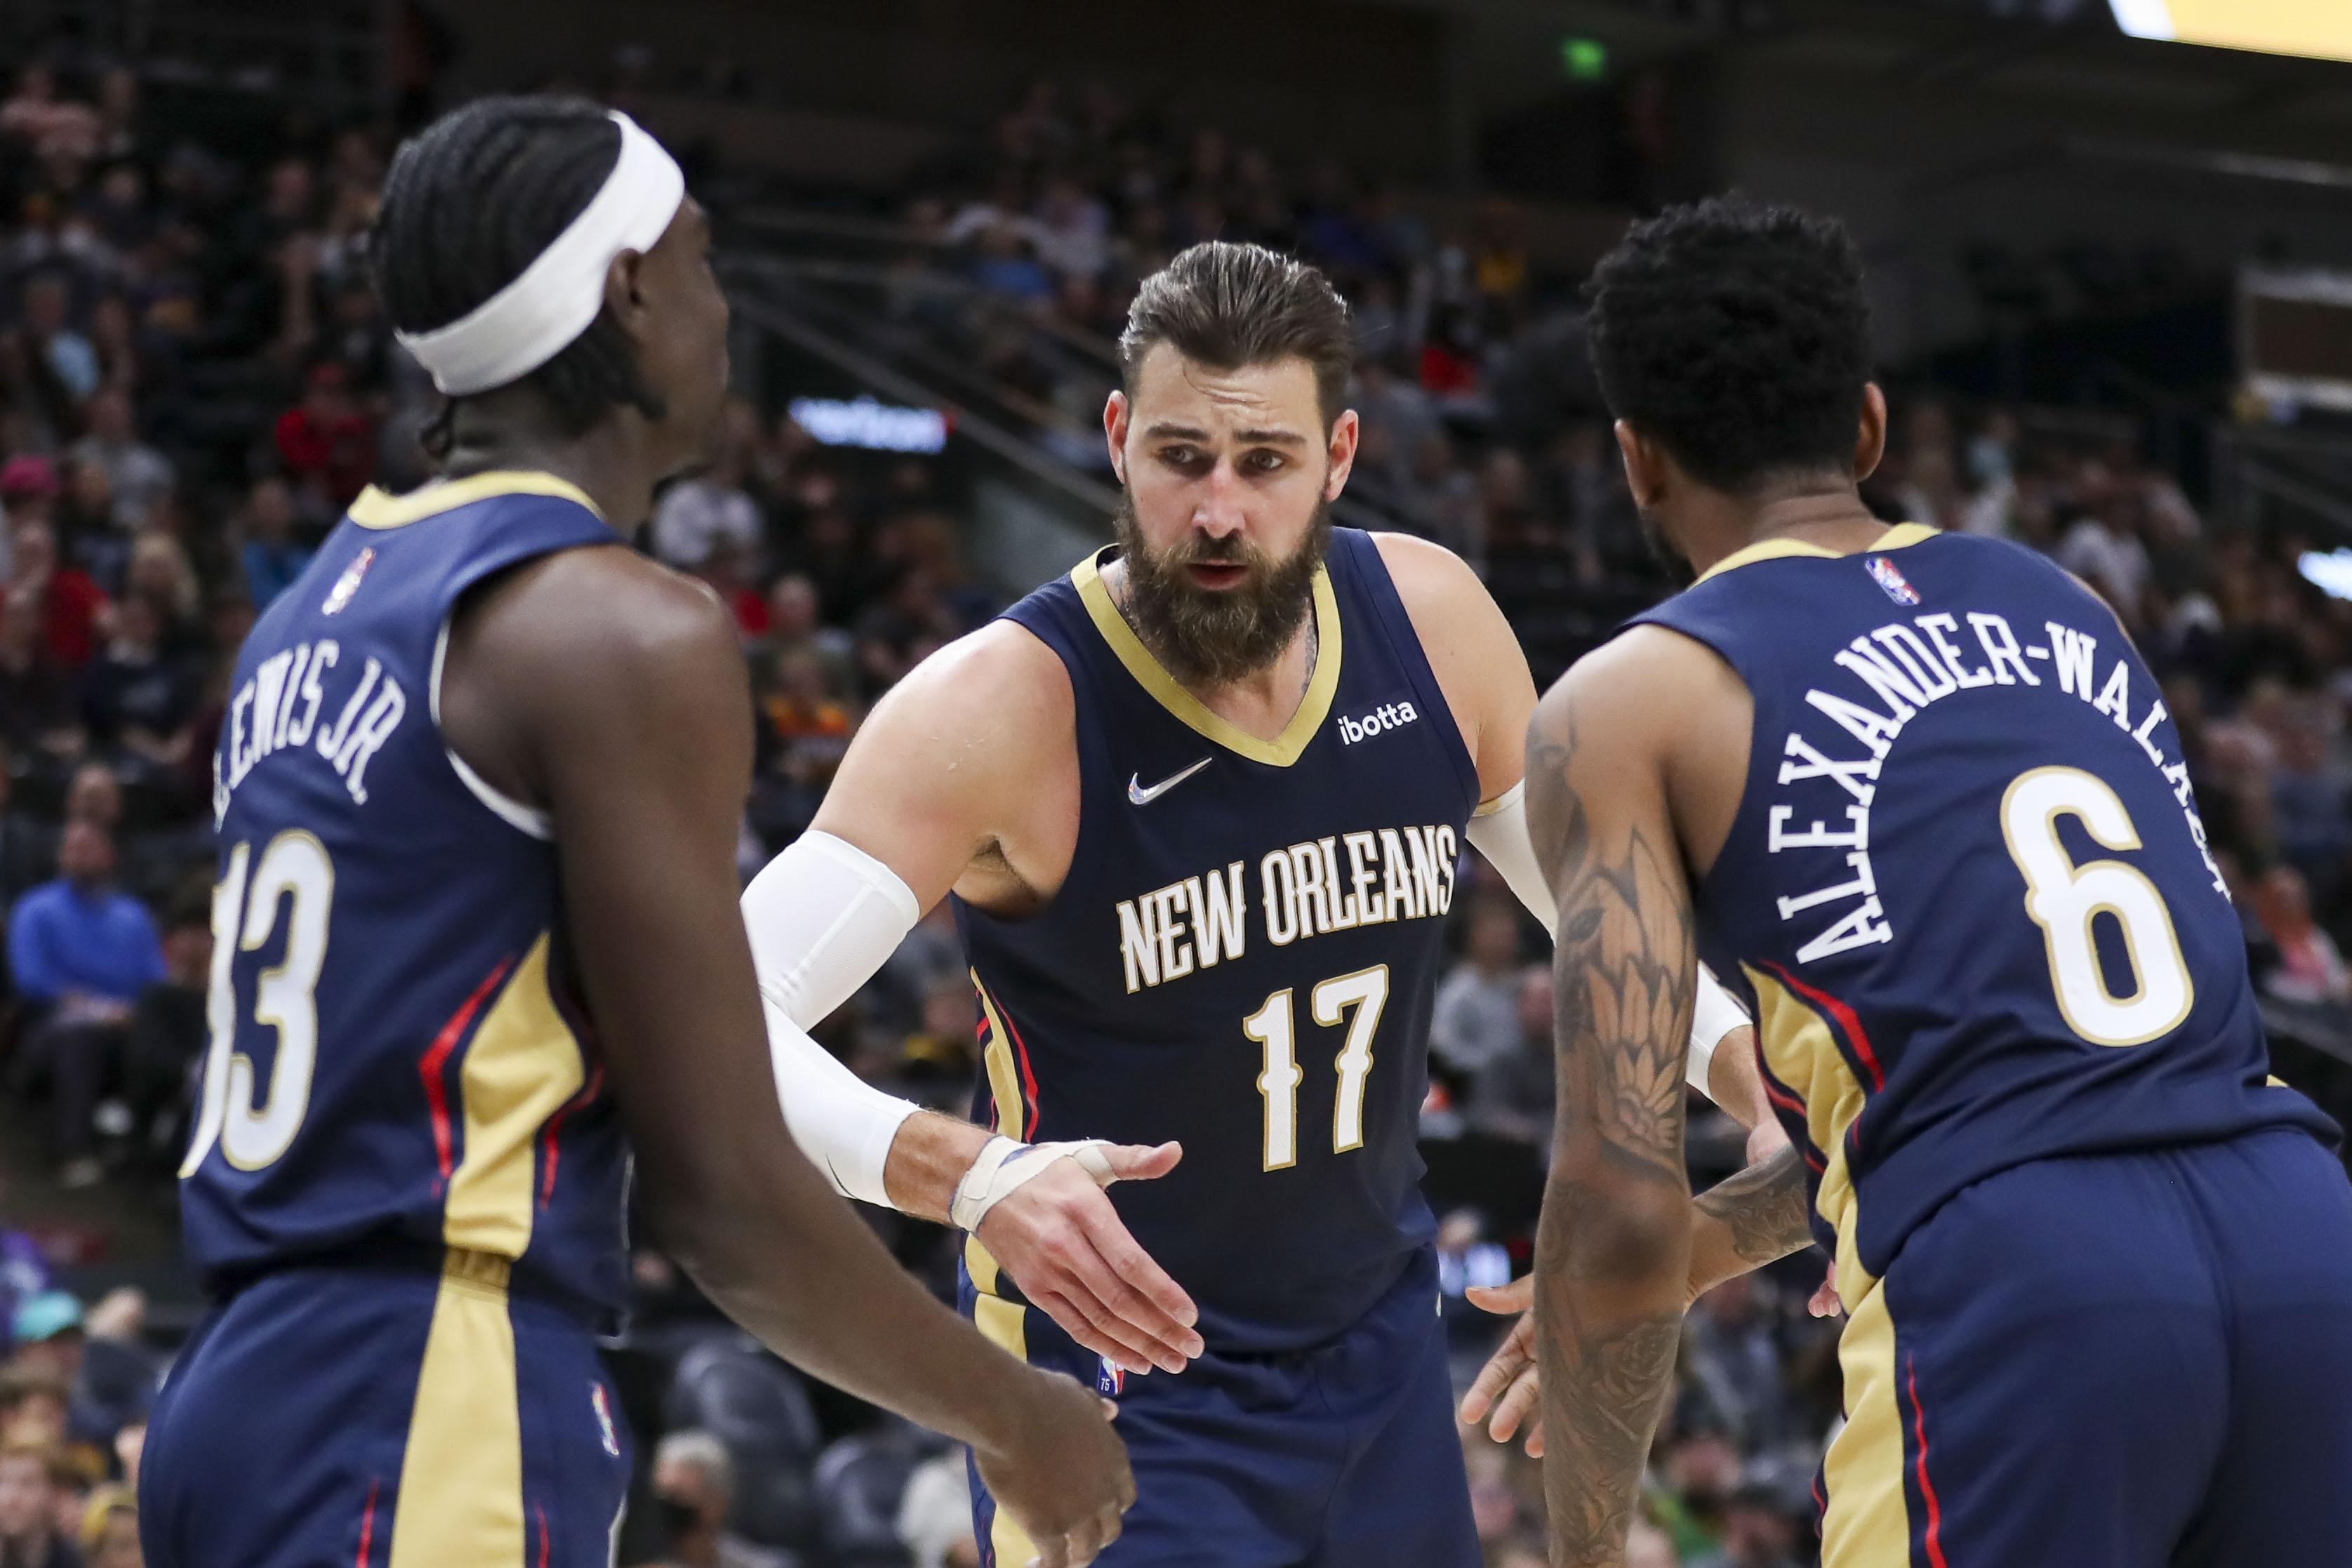 NBA: Preseason-New Orleans Pelicans at Utah Jazz